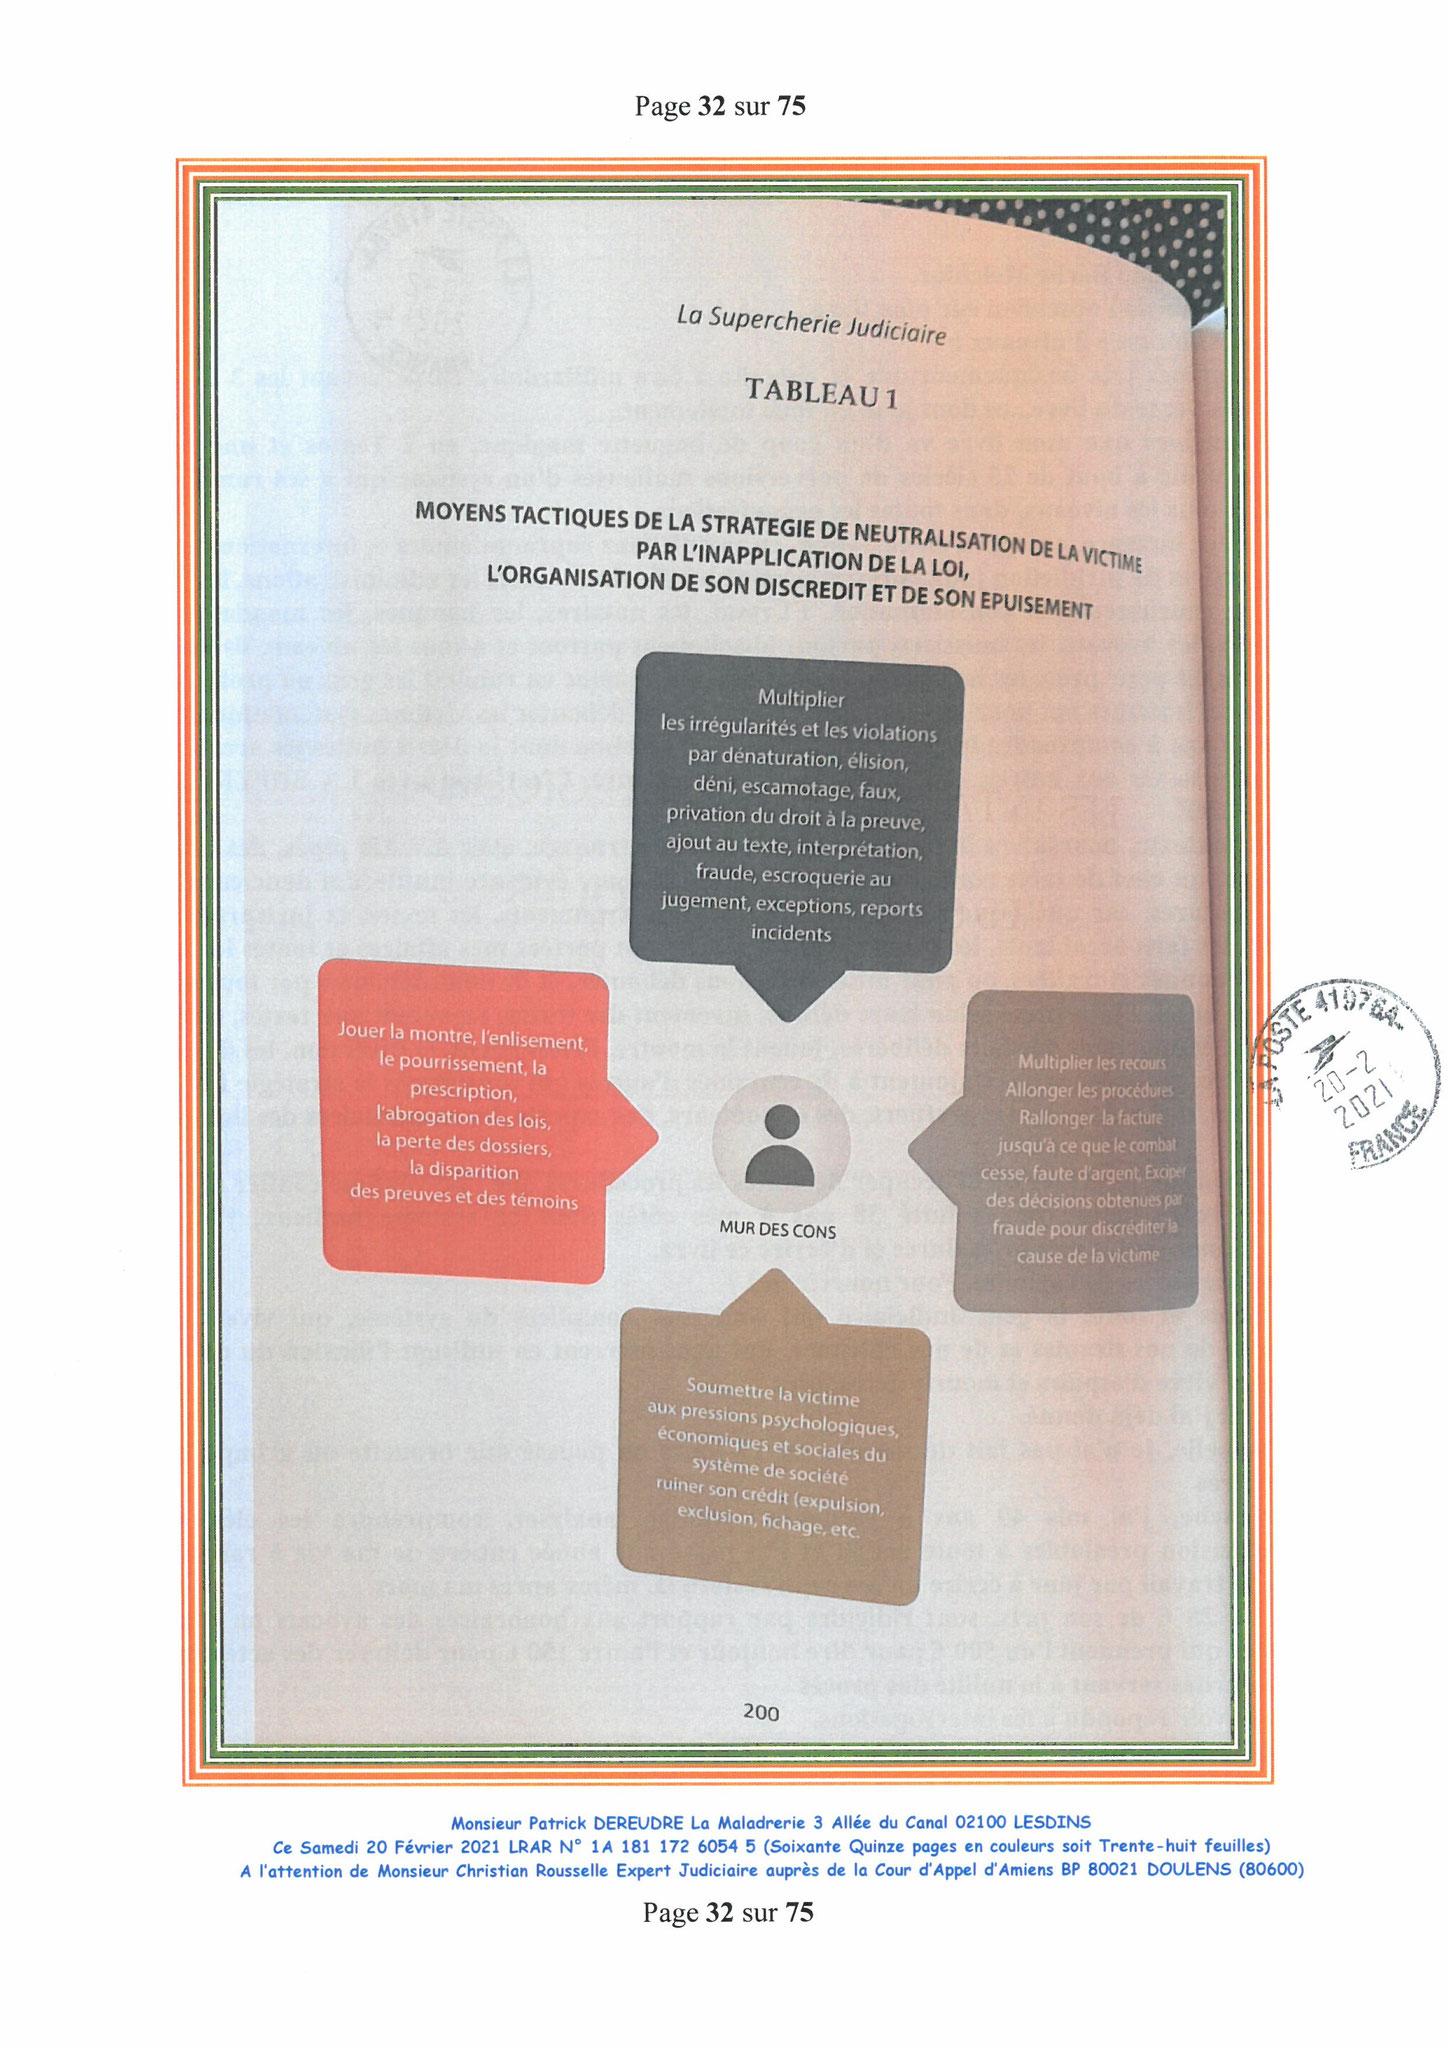 Page 32 Ma  Lettre Recommandée à Monsieur Christian ROUSSELLE Expert Judiciaire auprès de la Cour d'Appel d'Amiens Affaire MES CHERS VOISINS nos  www.jenesuispasunchien.fr www.jesuisvictime.fr www.jesuispatrick.fr PARJURE & CORRUPTION JUSTICE REPUBLIQUE